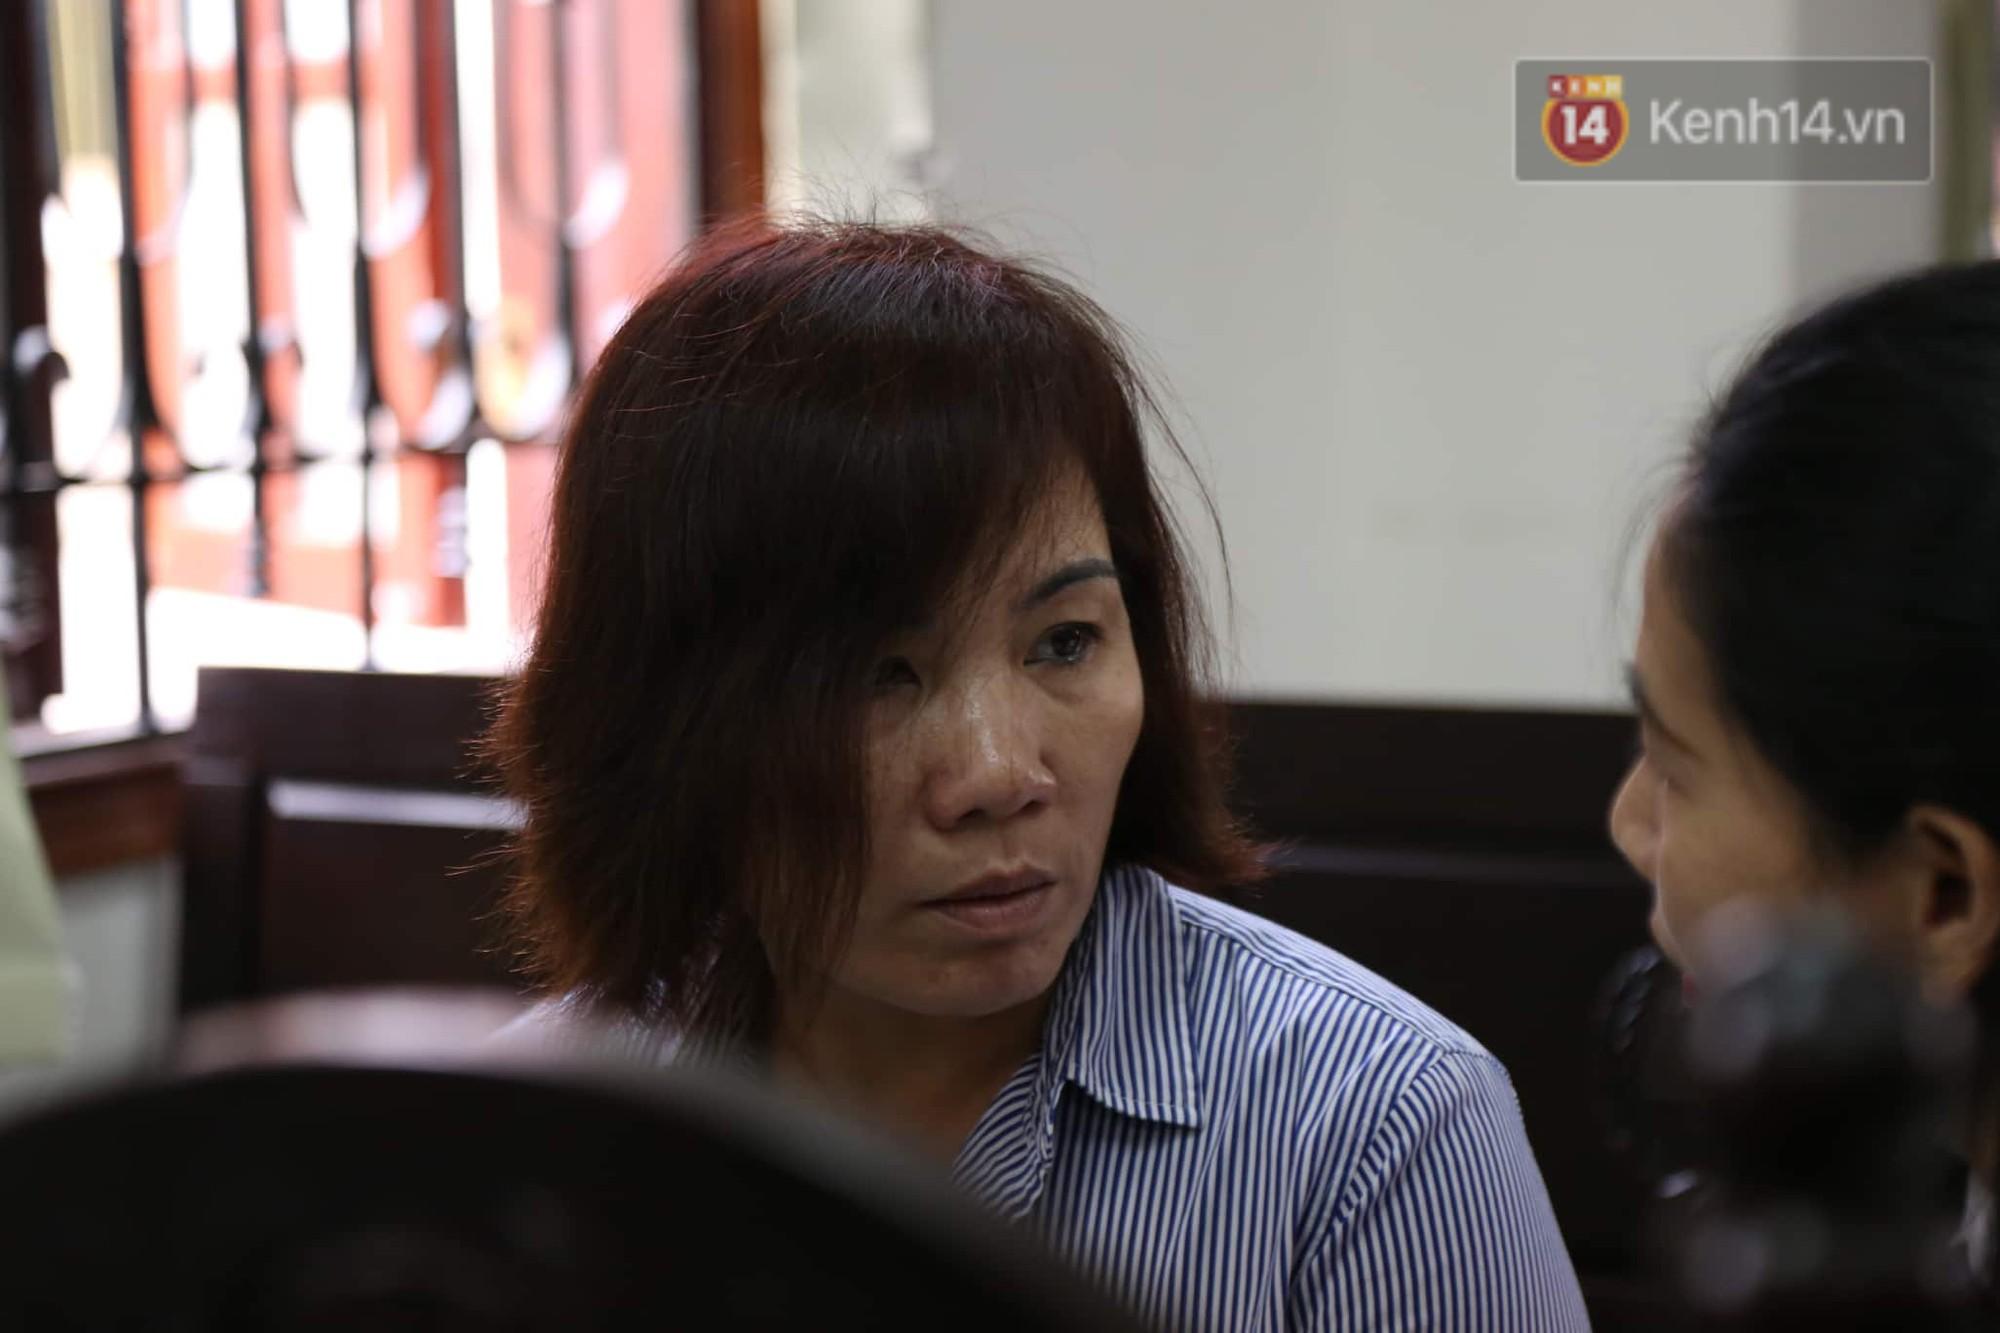 Khi trò chuyện với luật sư của mình, bị cáo rơm rớm nước mắt.